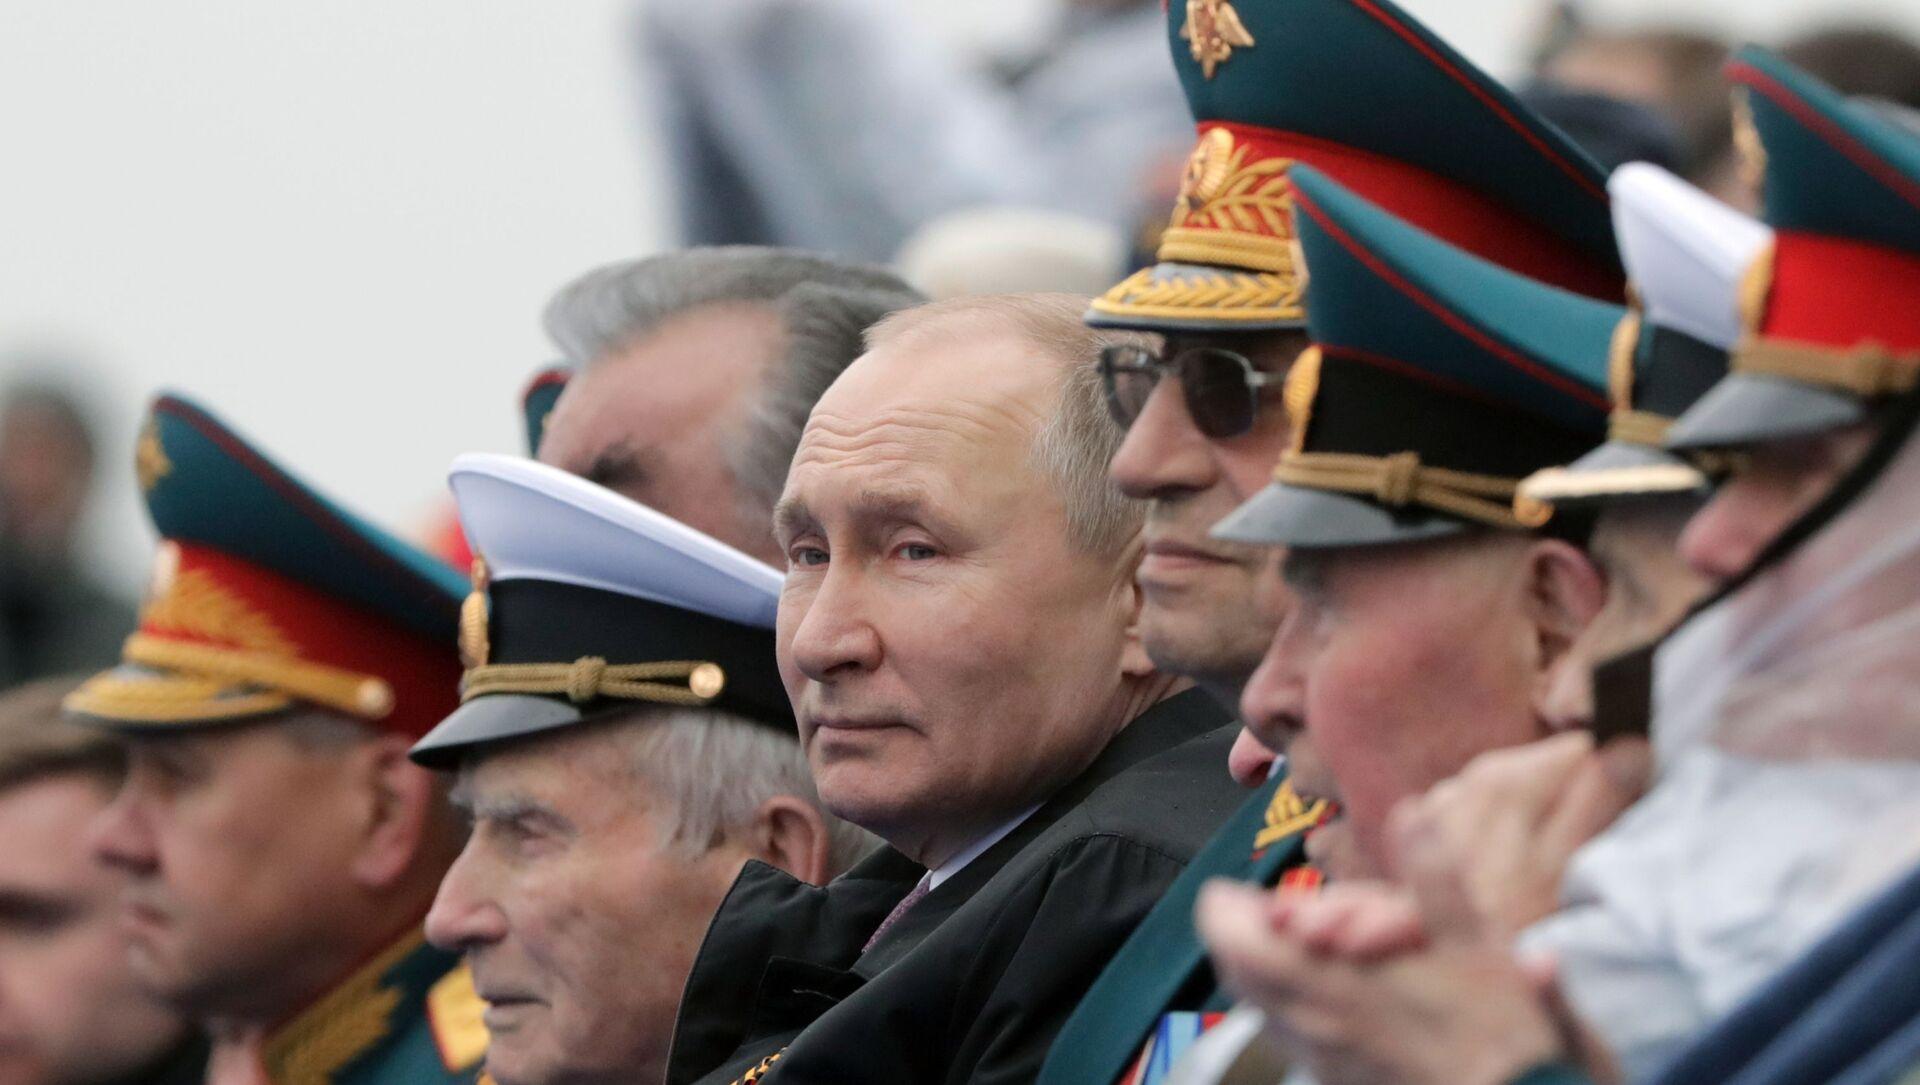 Prezydent Rosji podczas defilady wojskowej na Placu Czerwonym - Sputnik Polska, 1920, 09.05.2021